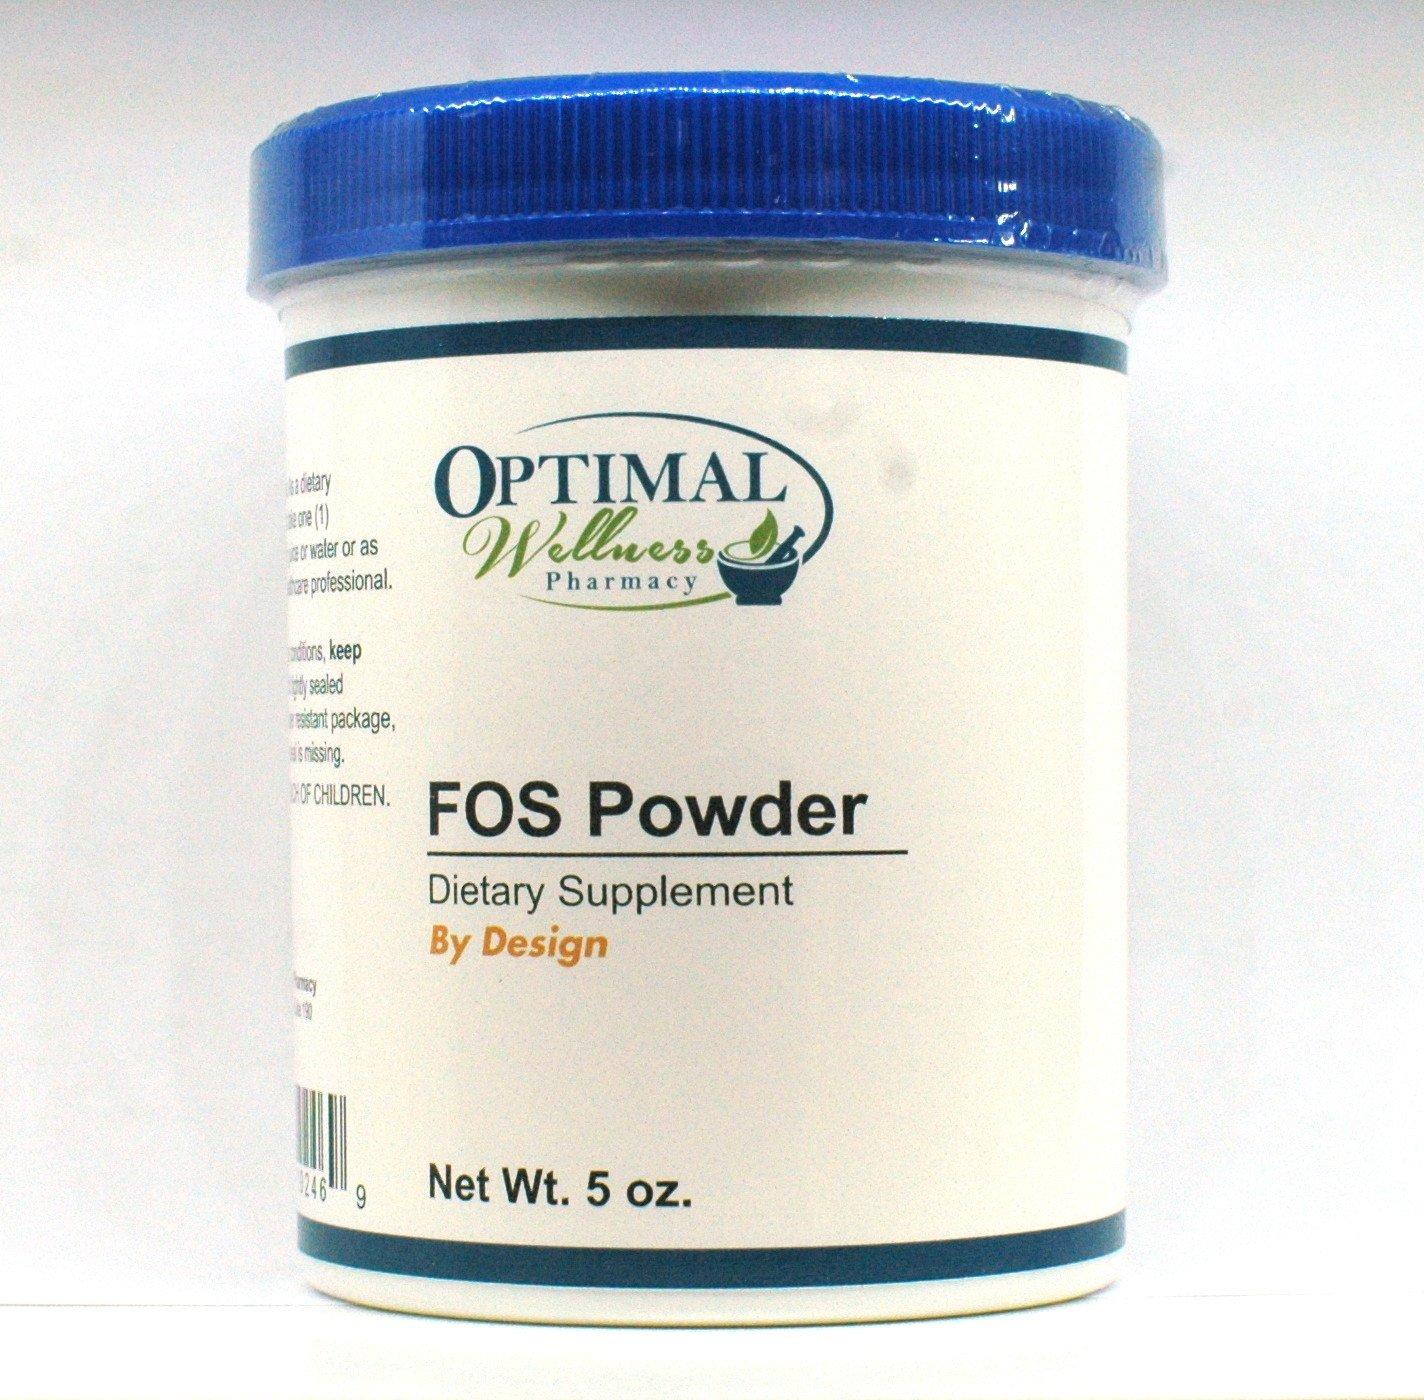 FOS Powder